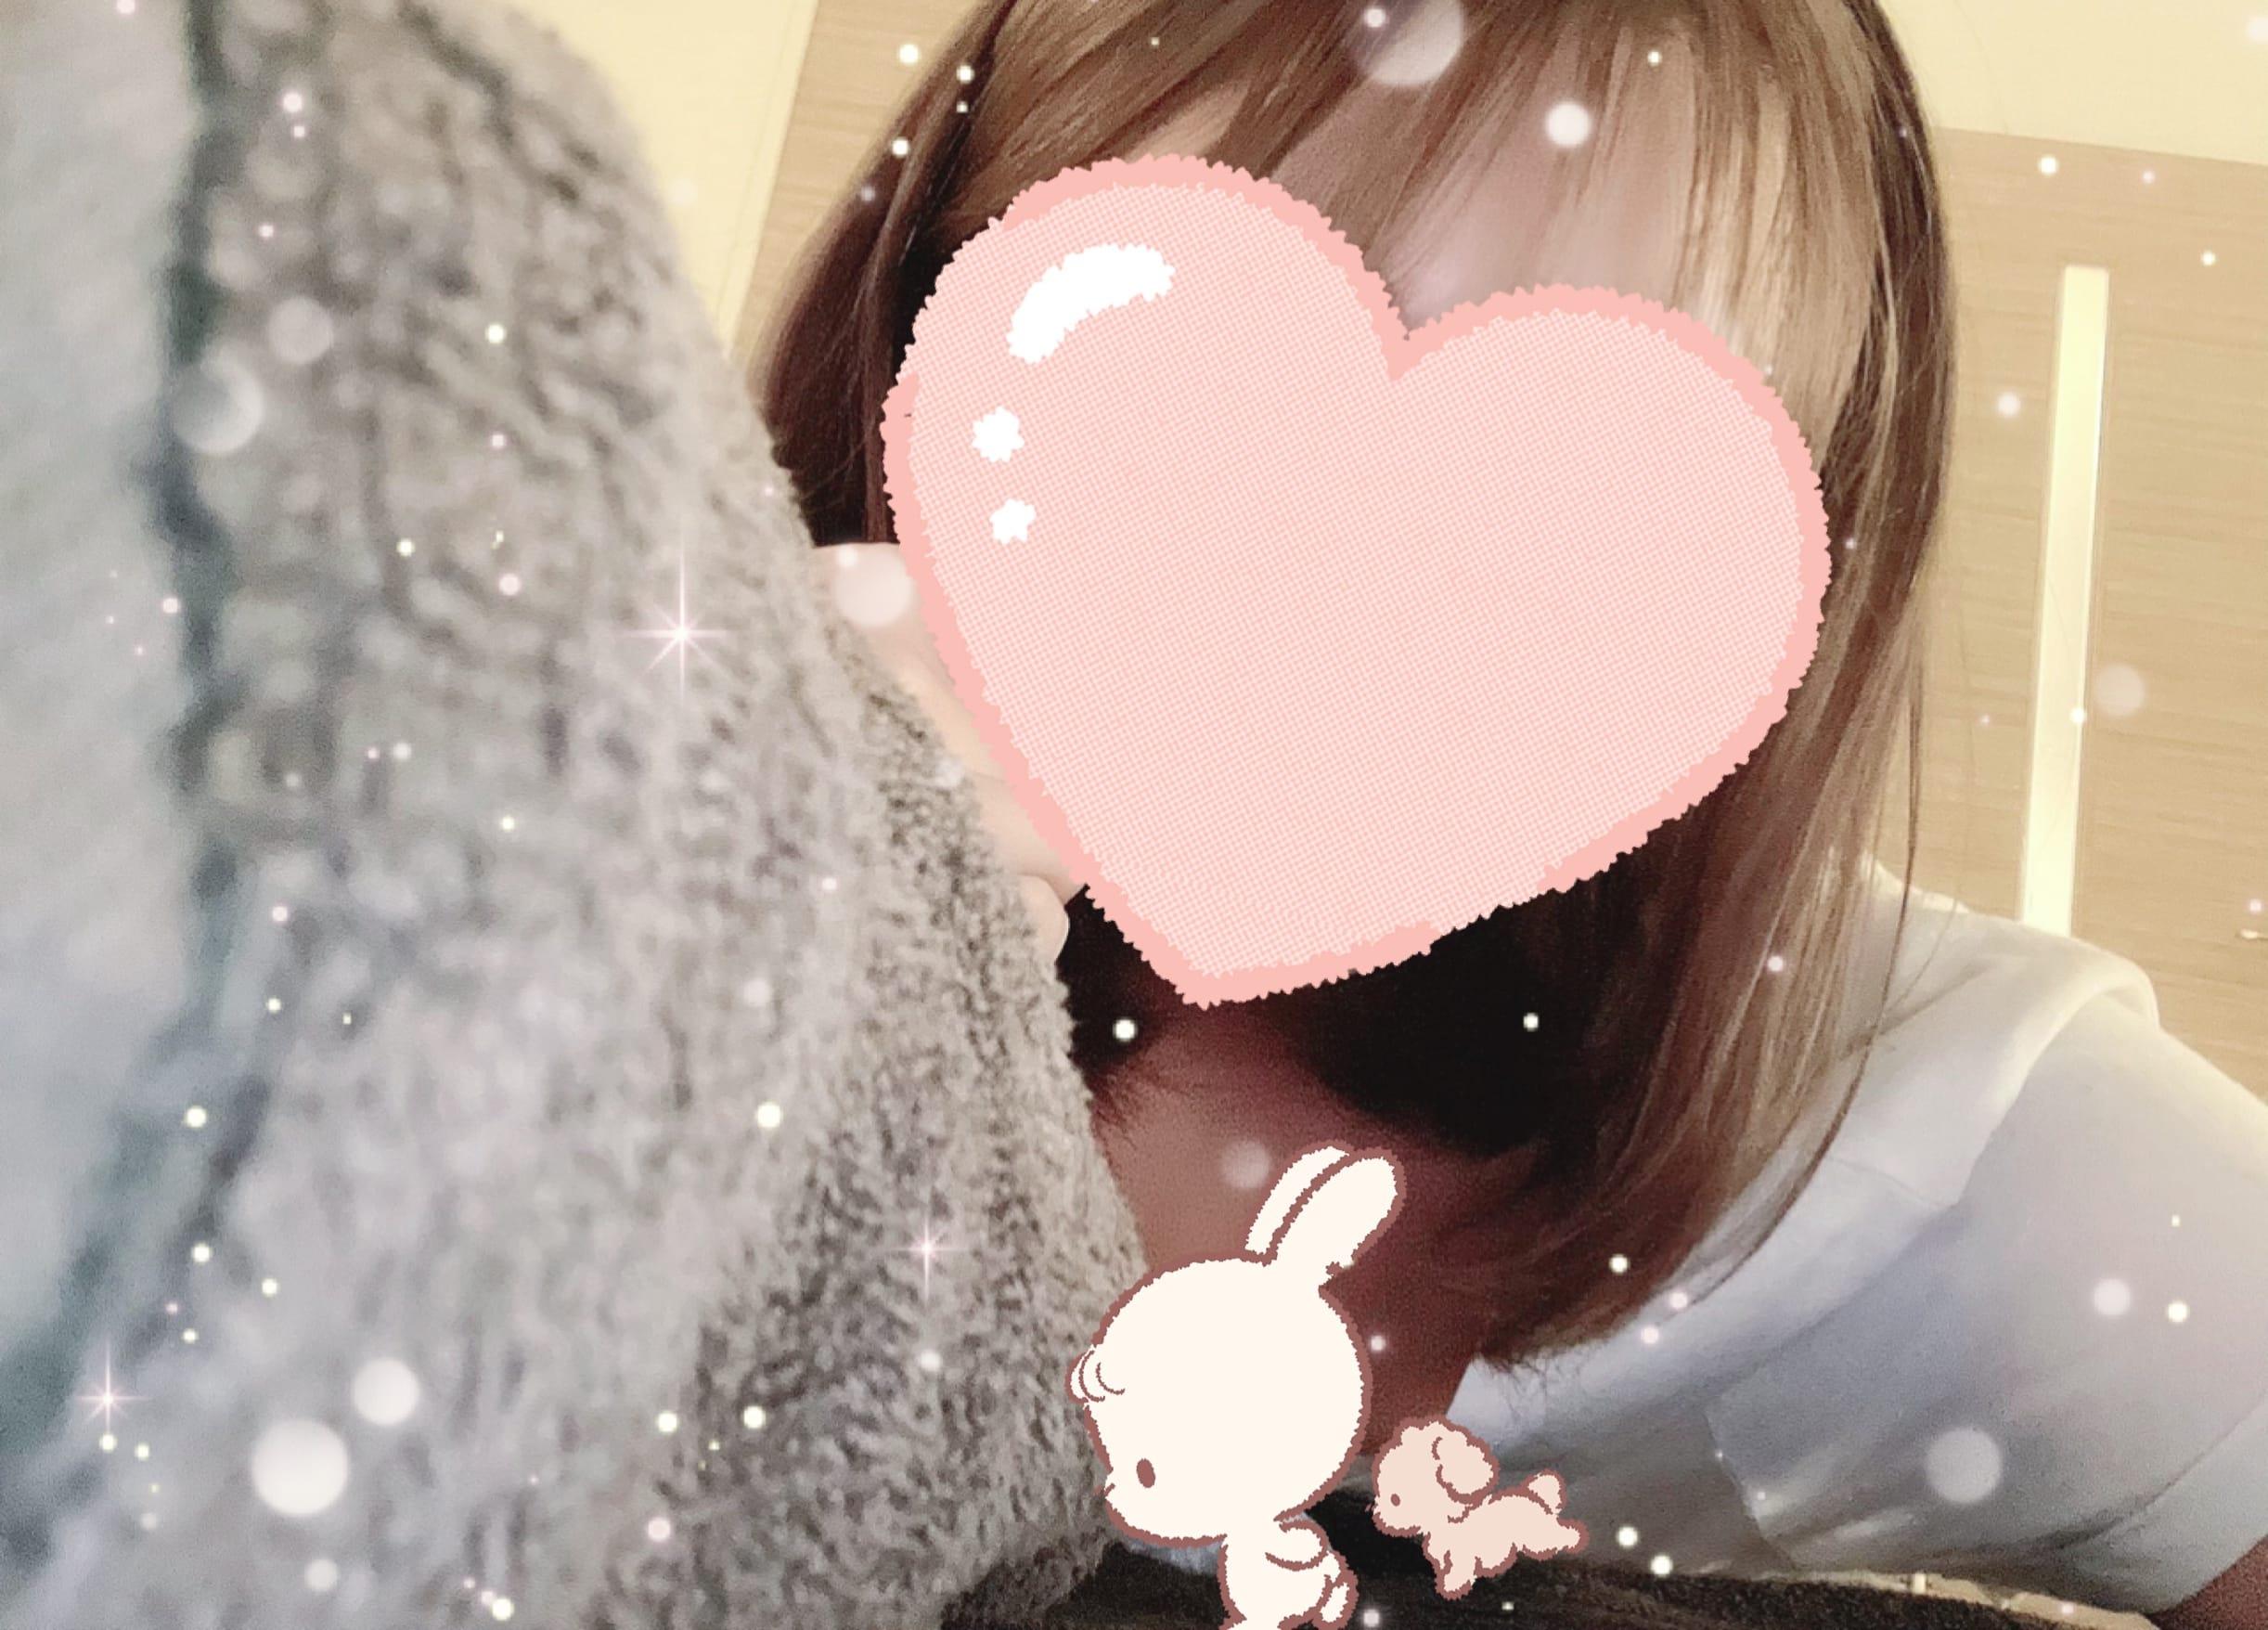 「ありがとうございました ♡」10/26(火) 00:44   ふたばの写メ